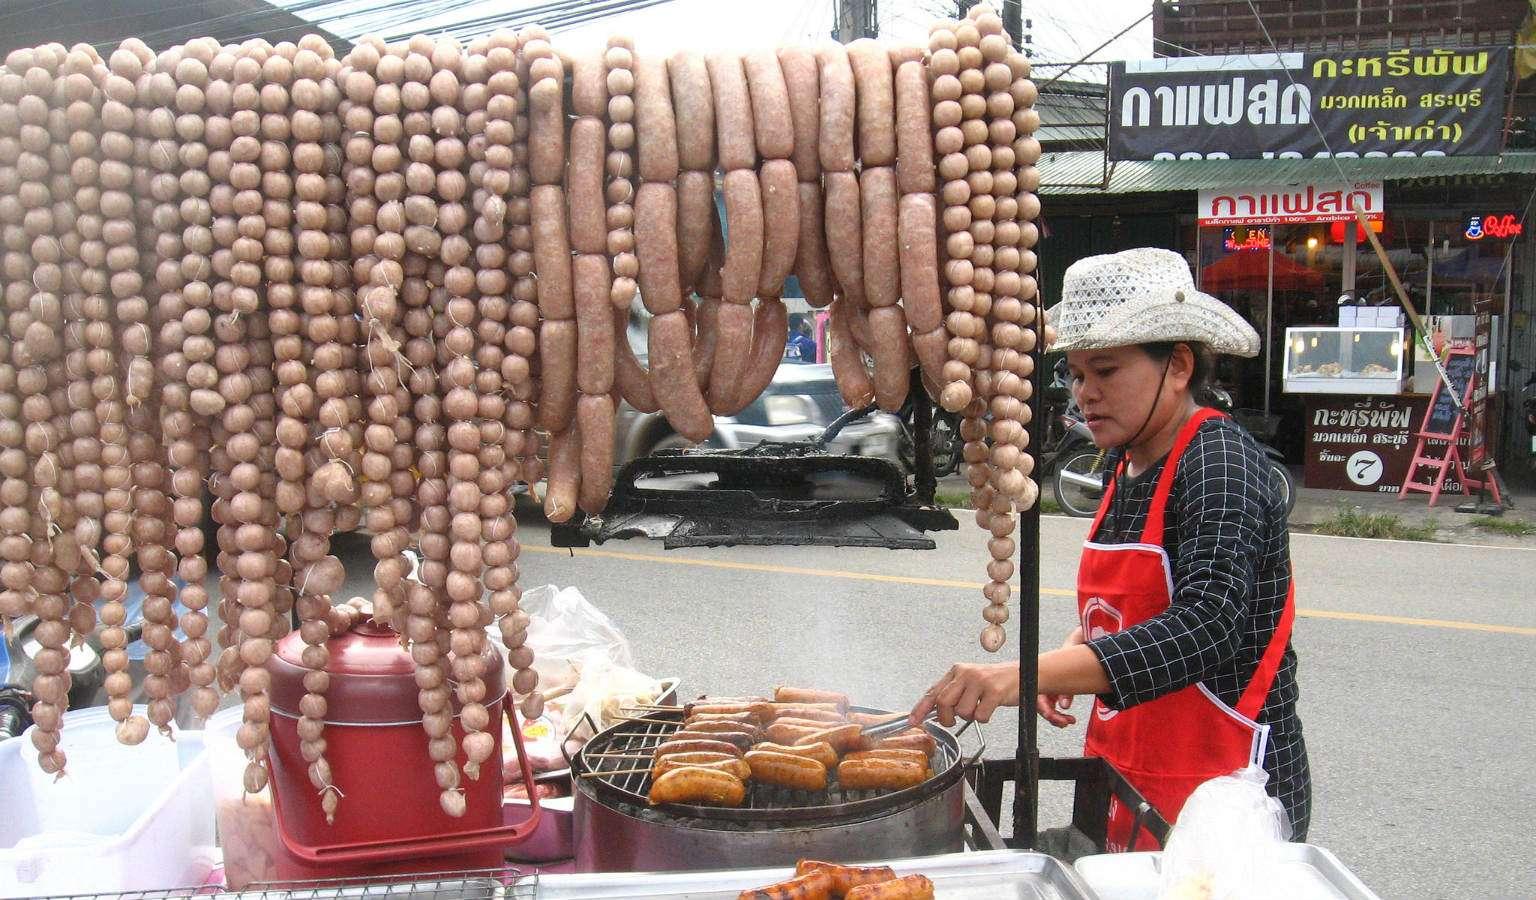 Sai Ua typsische worst uit Chiang Mai (Noord Thailand)